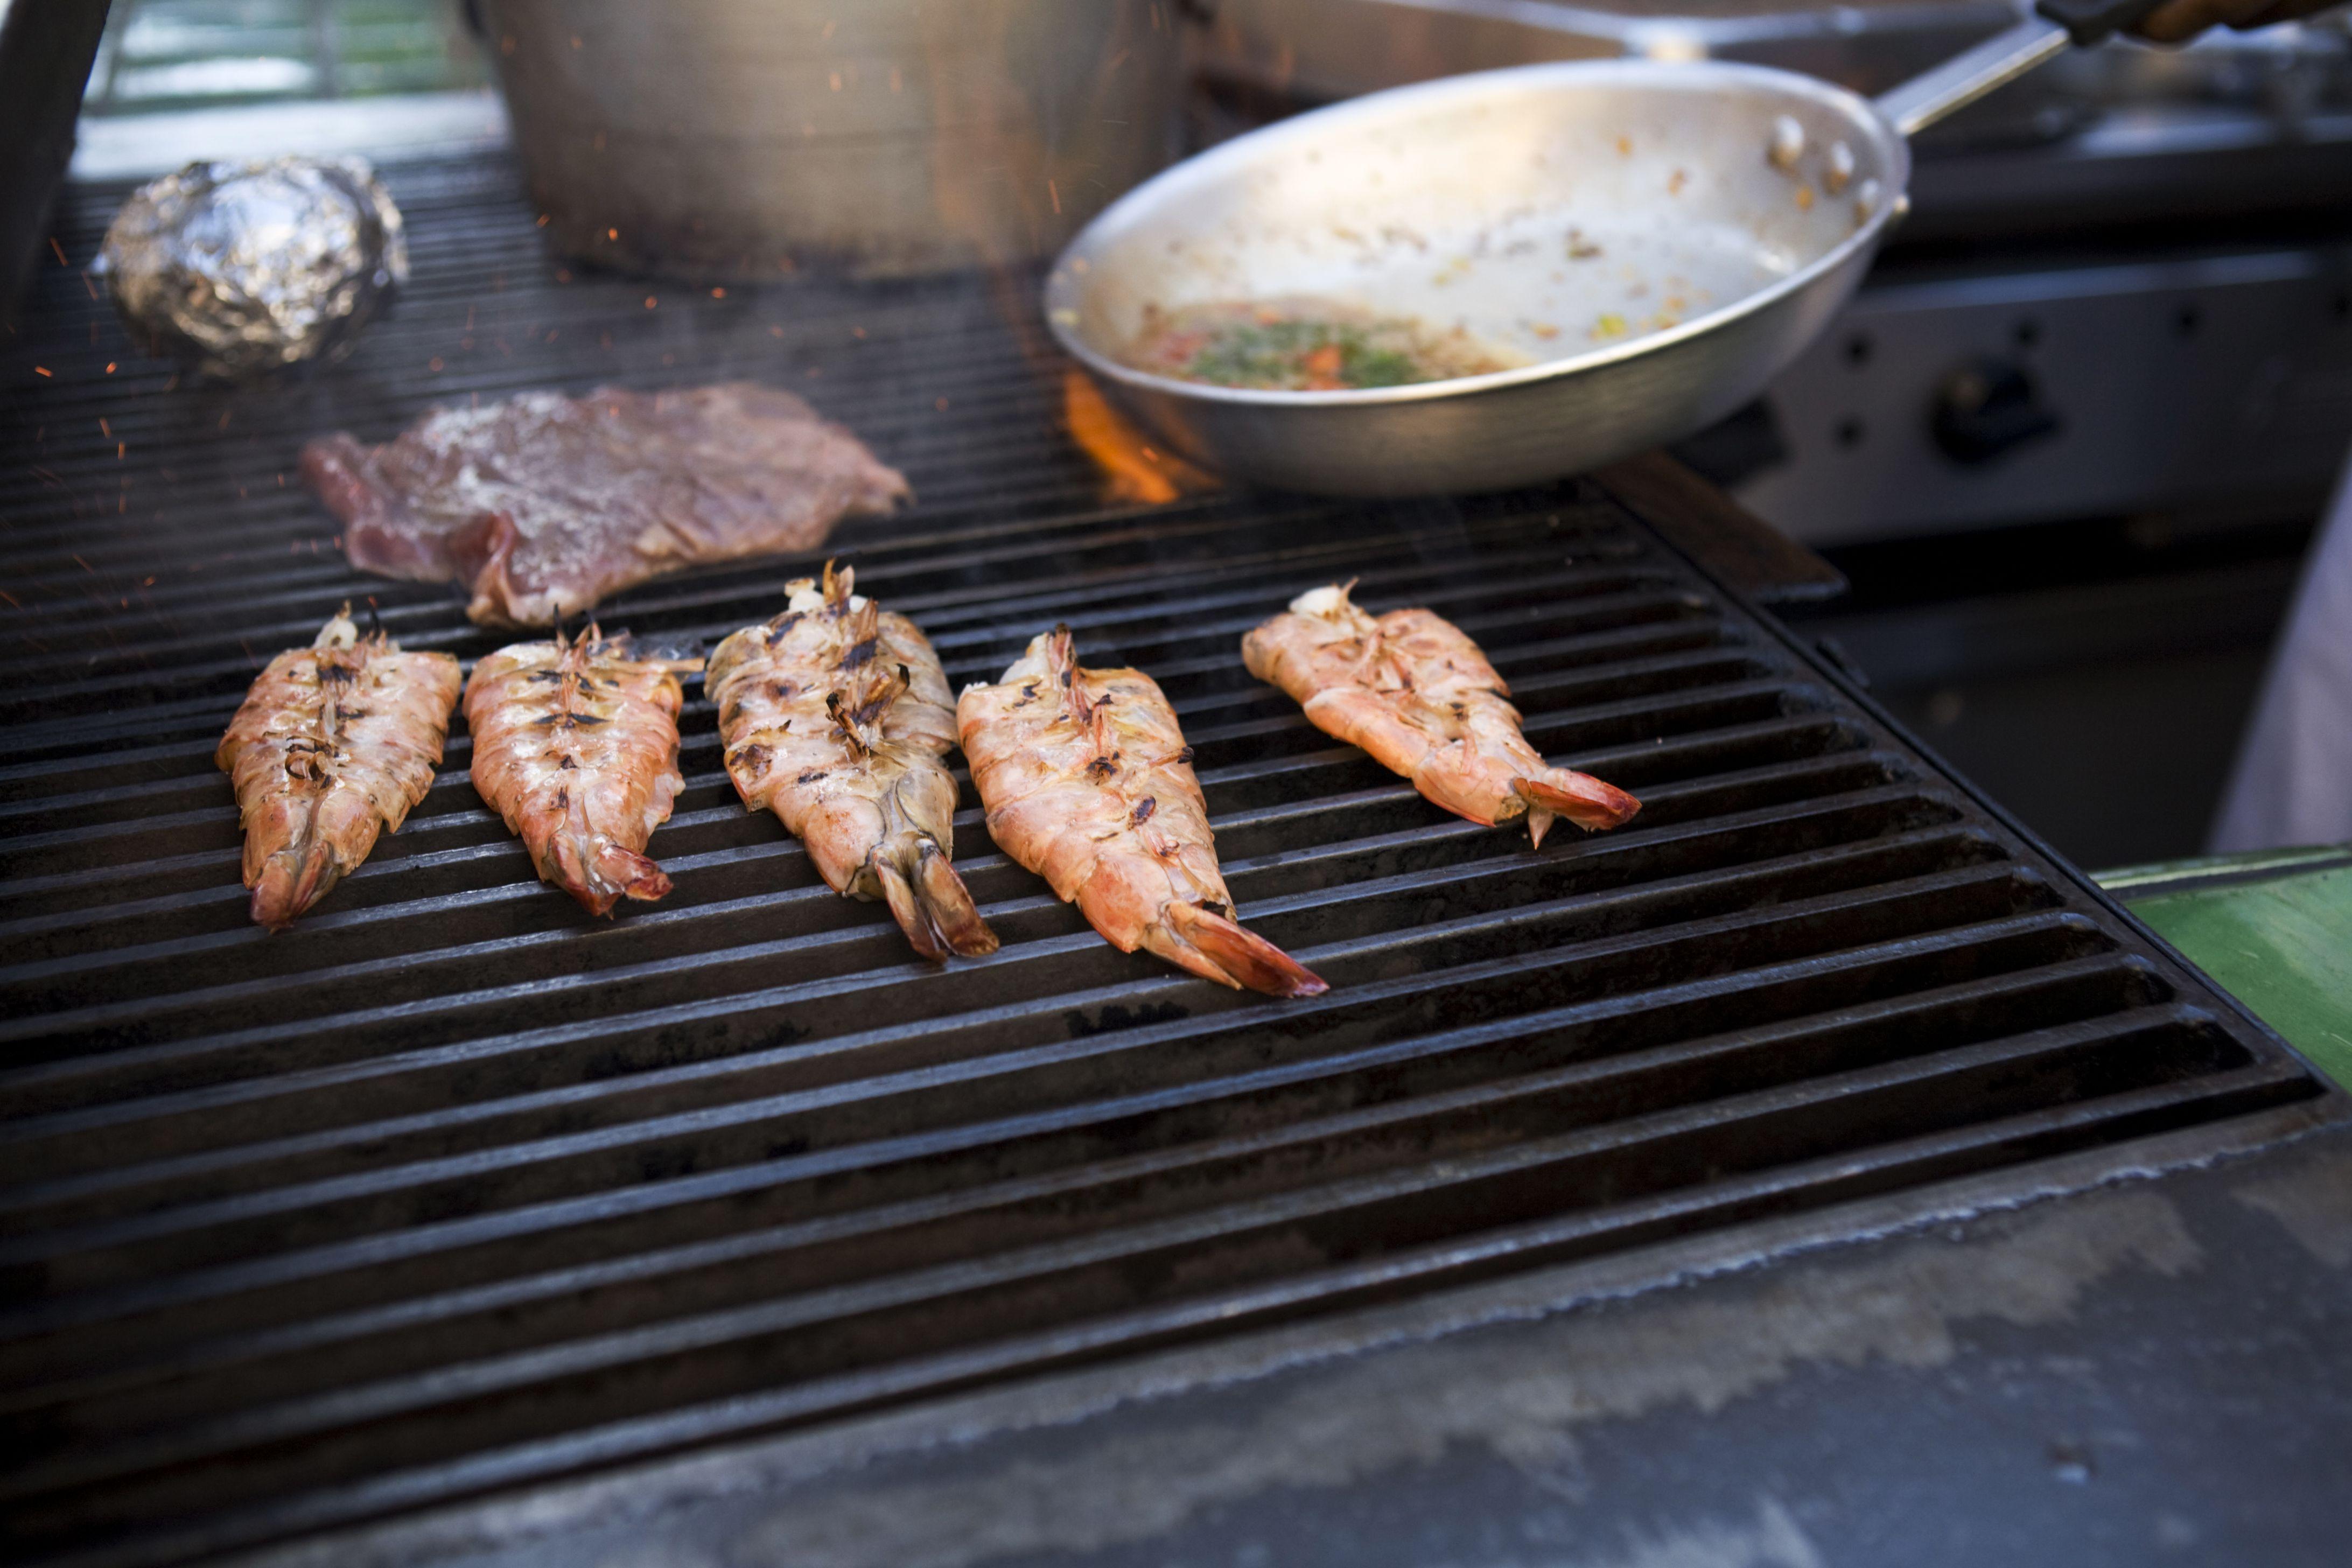 We LOVE shrimp!